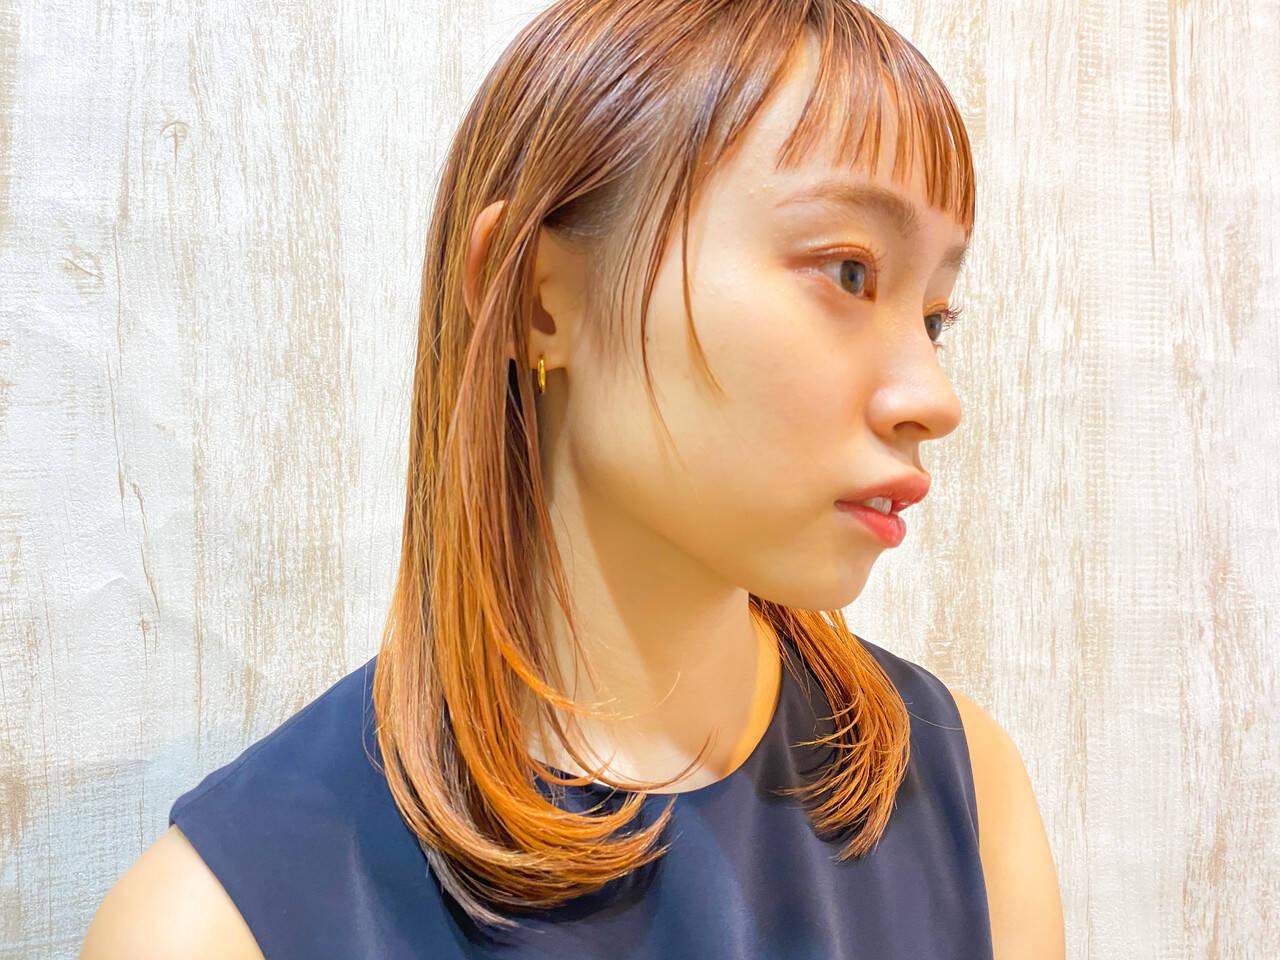 オレンジカラー ナチュラル ミディアムレイヤー インナーカラーヘアスタイルや髪型の写真・画像